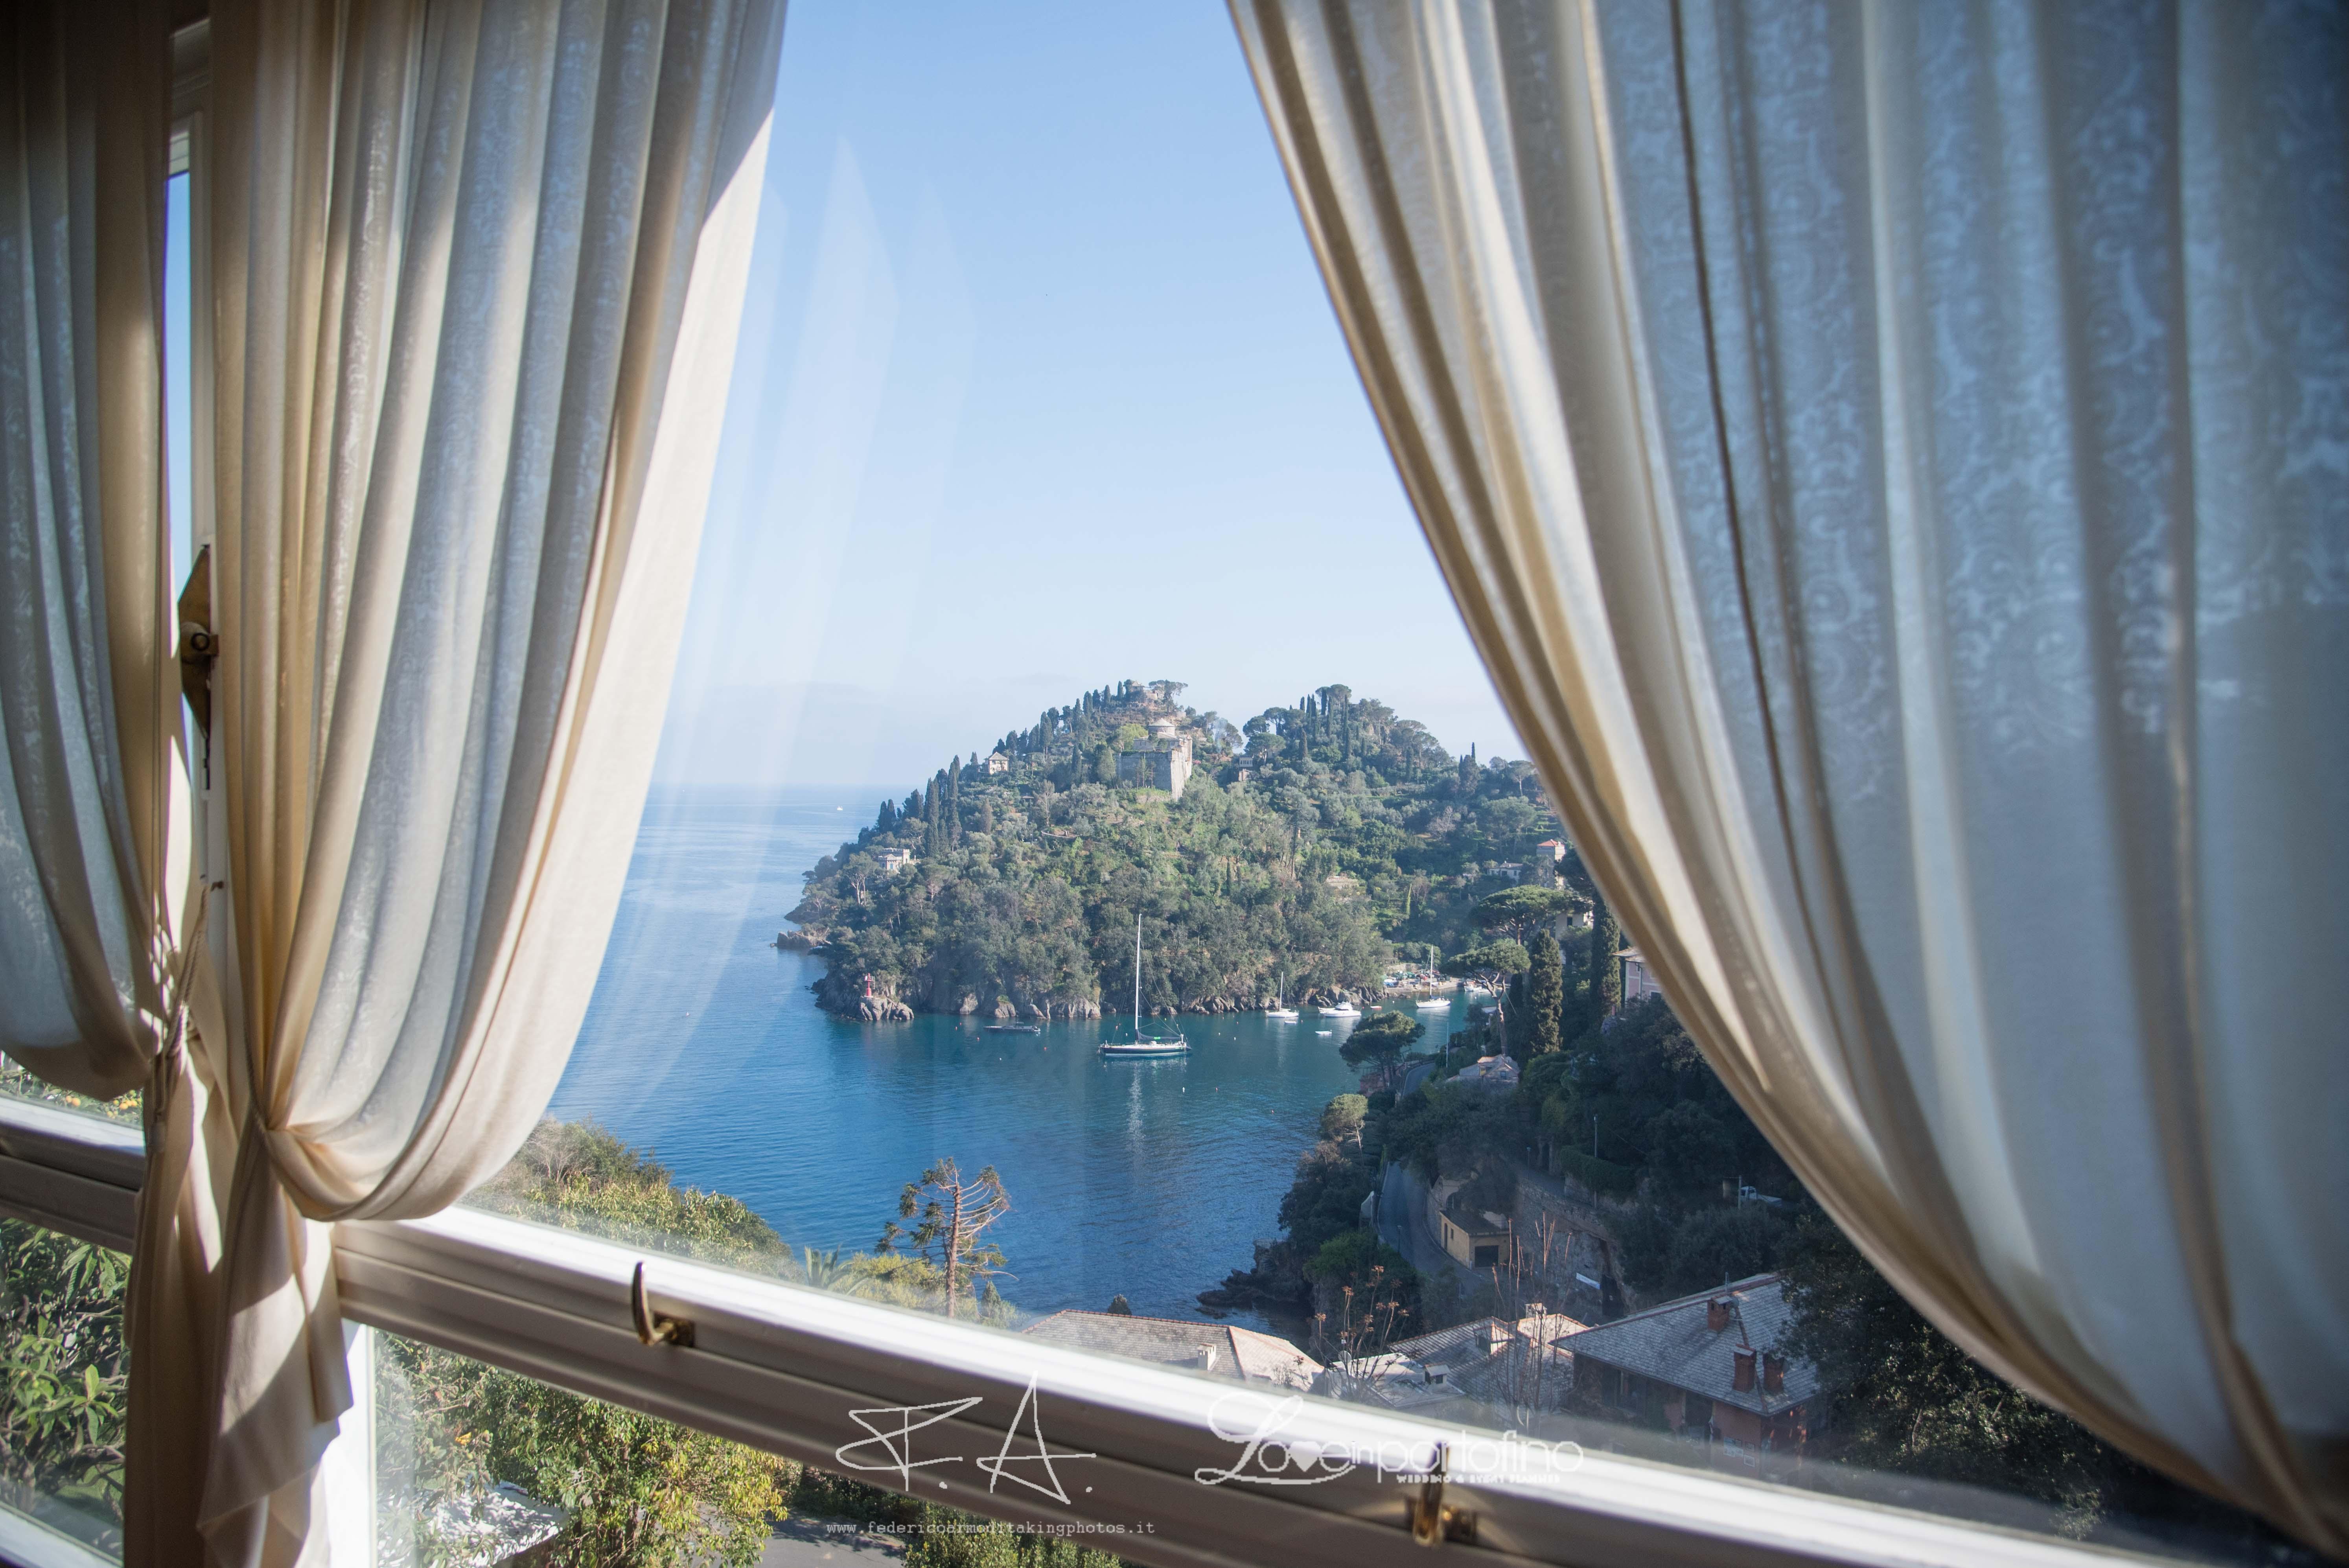 Portofino dal Belmond Hotel Splendido